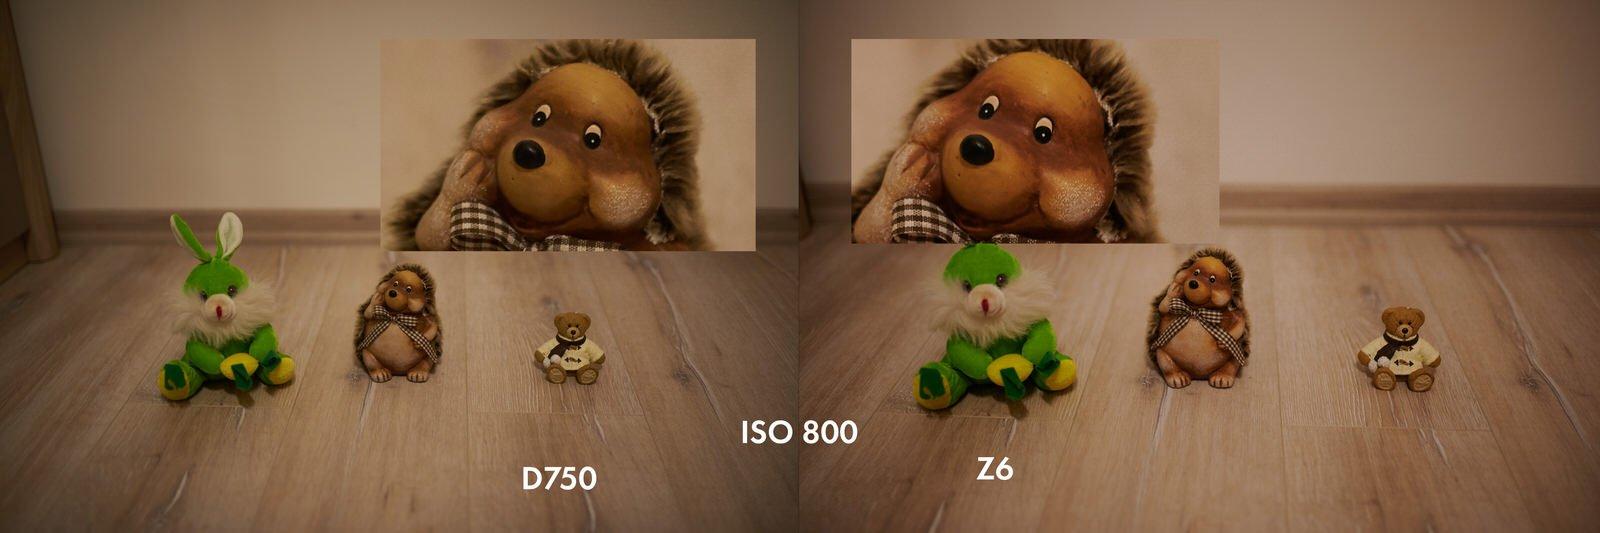 Recenzja Nikon Z6 w fotografii ślubnej | Porównanie do Nikona D750 11